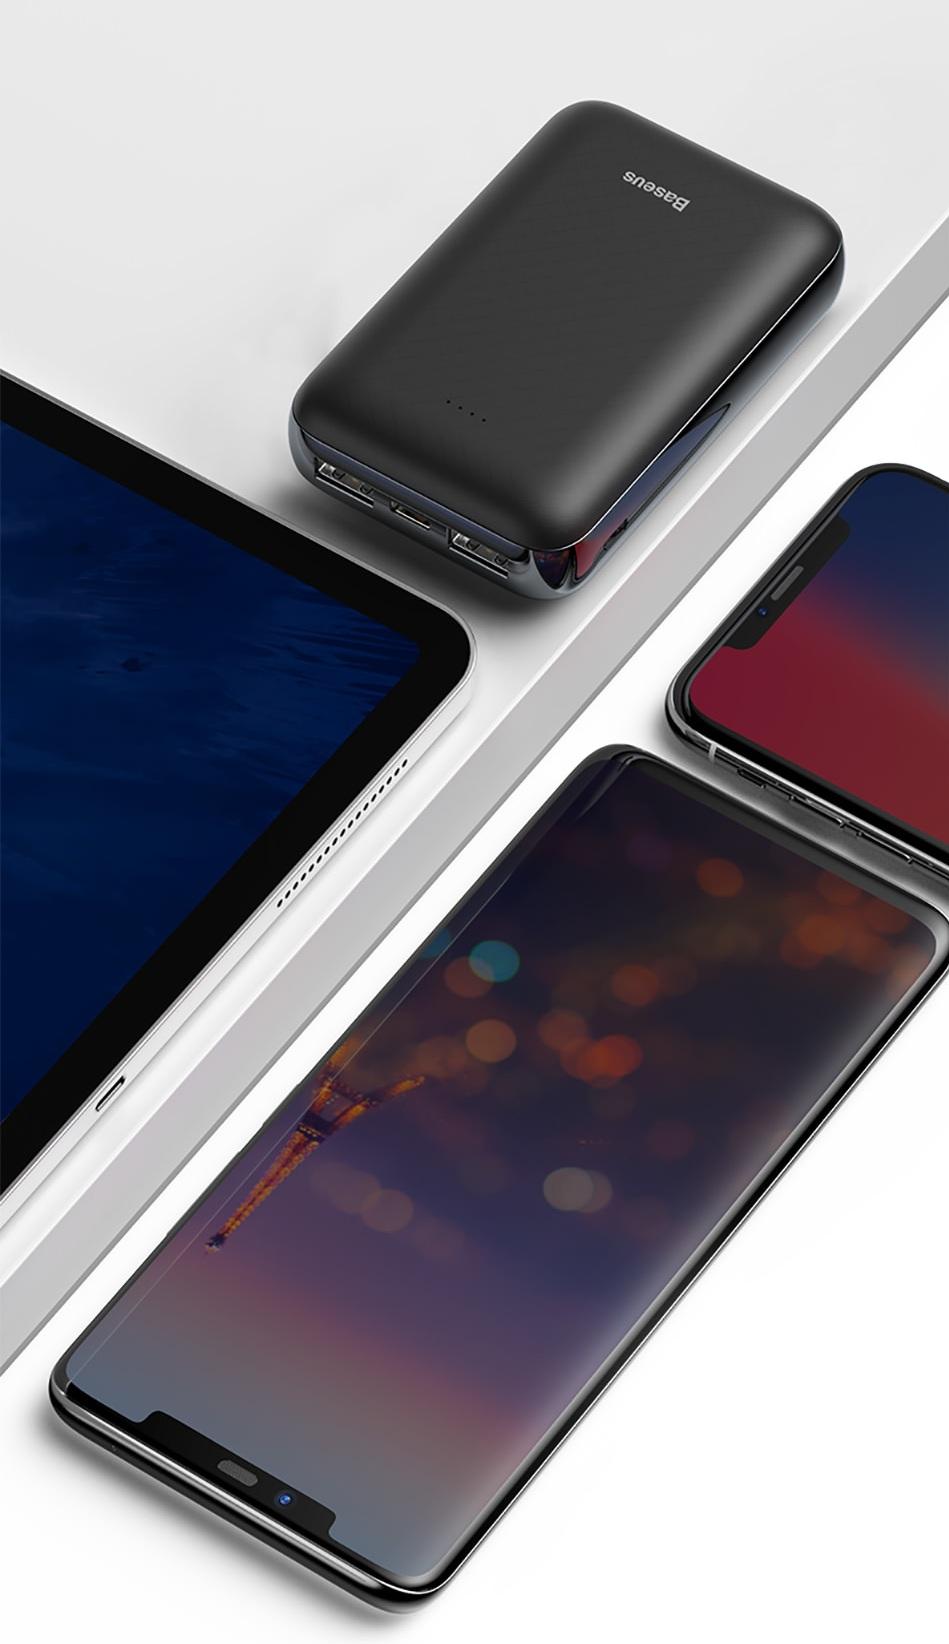 Pin dự phòng  Baseus Mini JA Power Bank 10000mAh  hỗ trợ sạc nhanh Quick Chager ( Input ) cho Smartphone/ Tablet [NEKOSHI] - Hàng chính Hãng